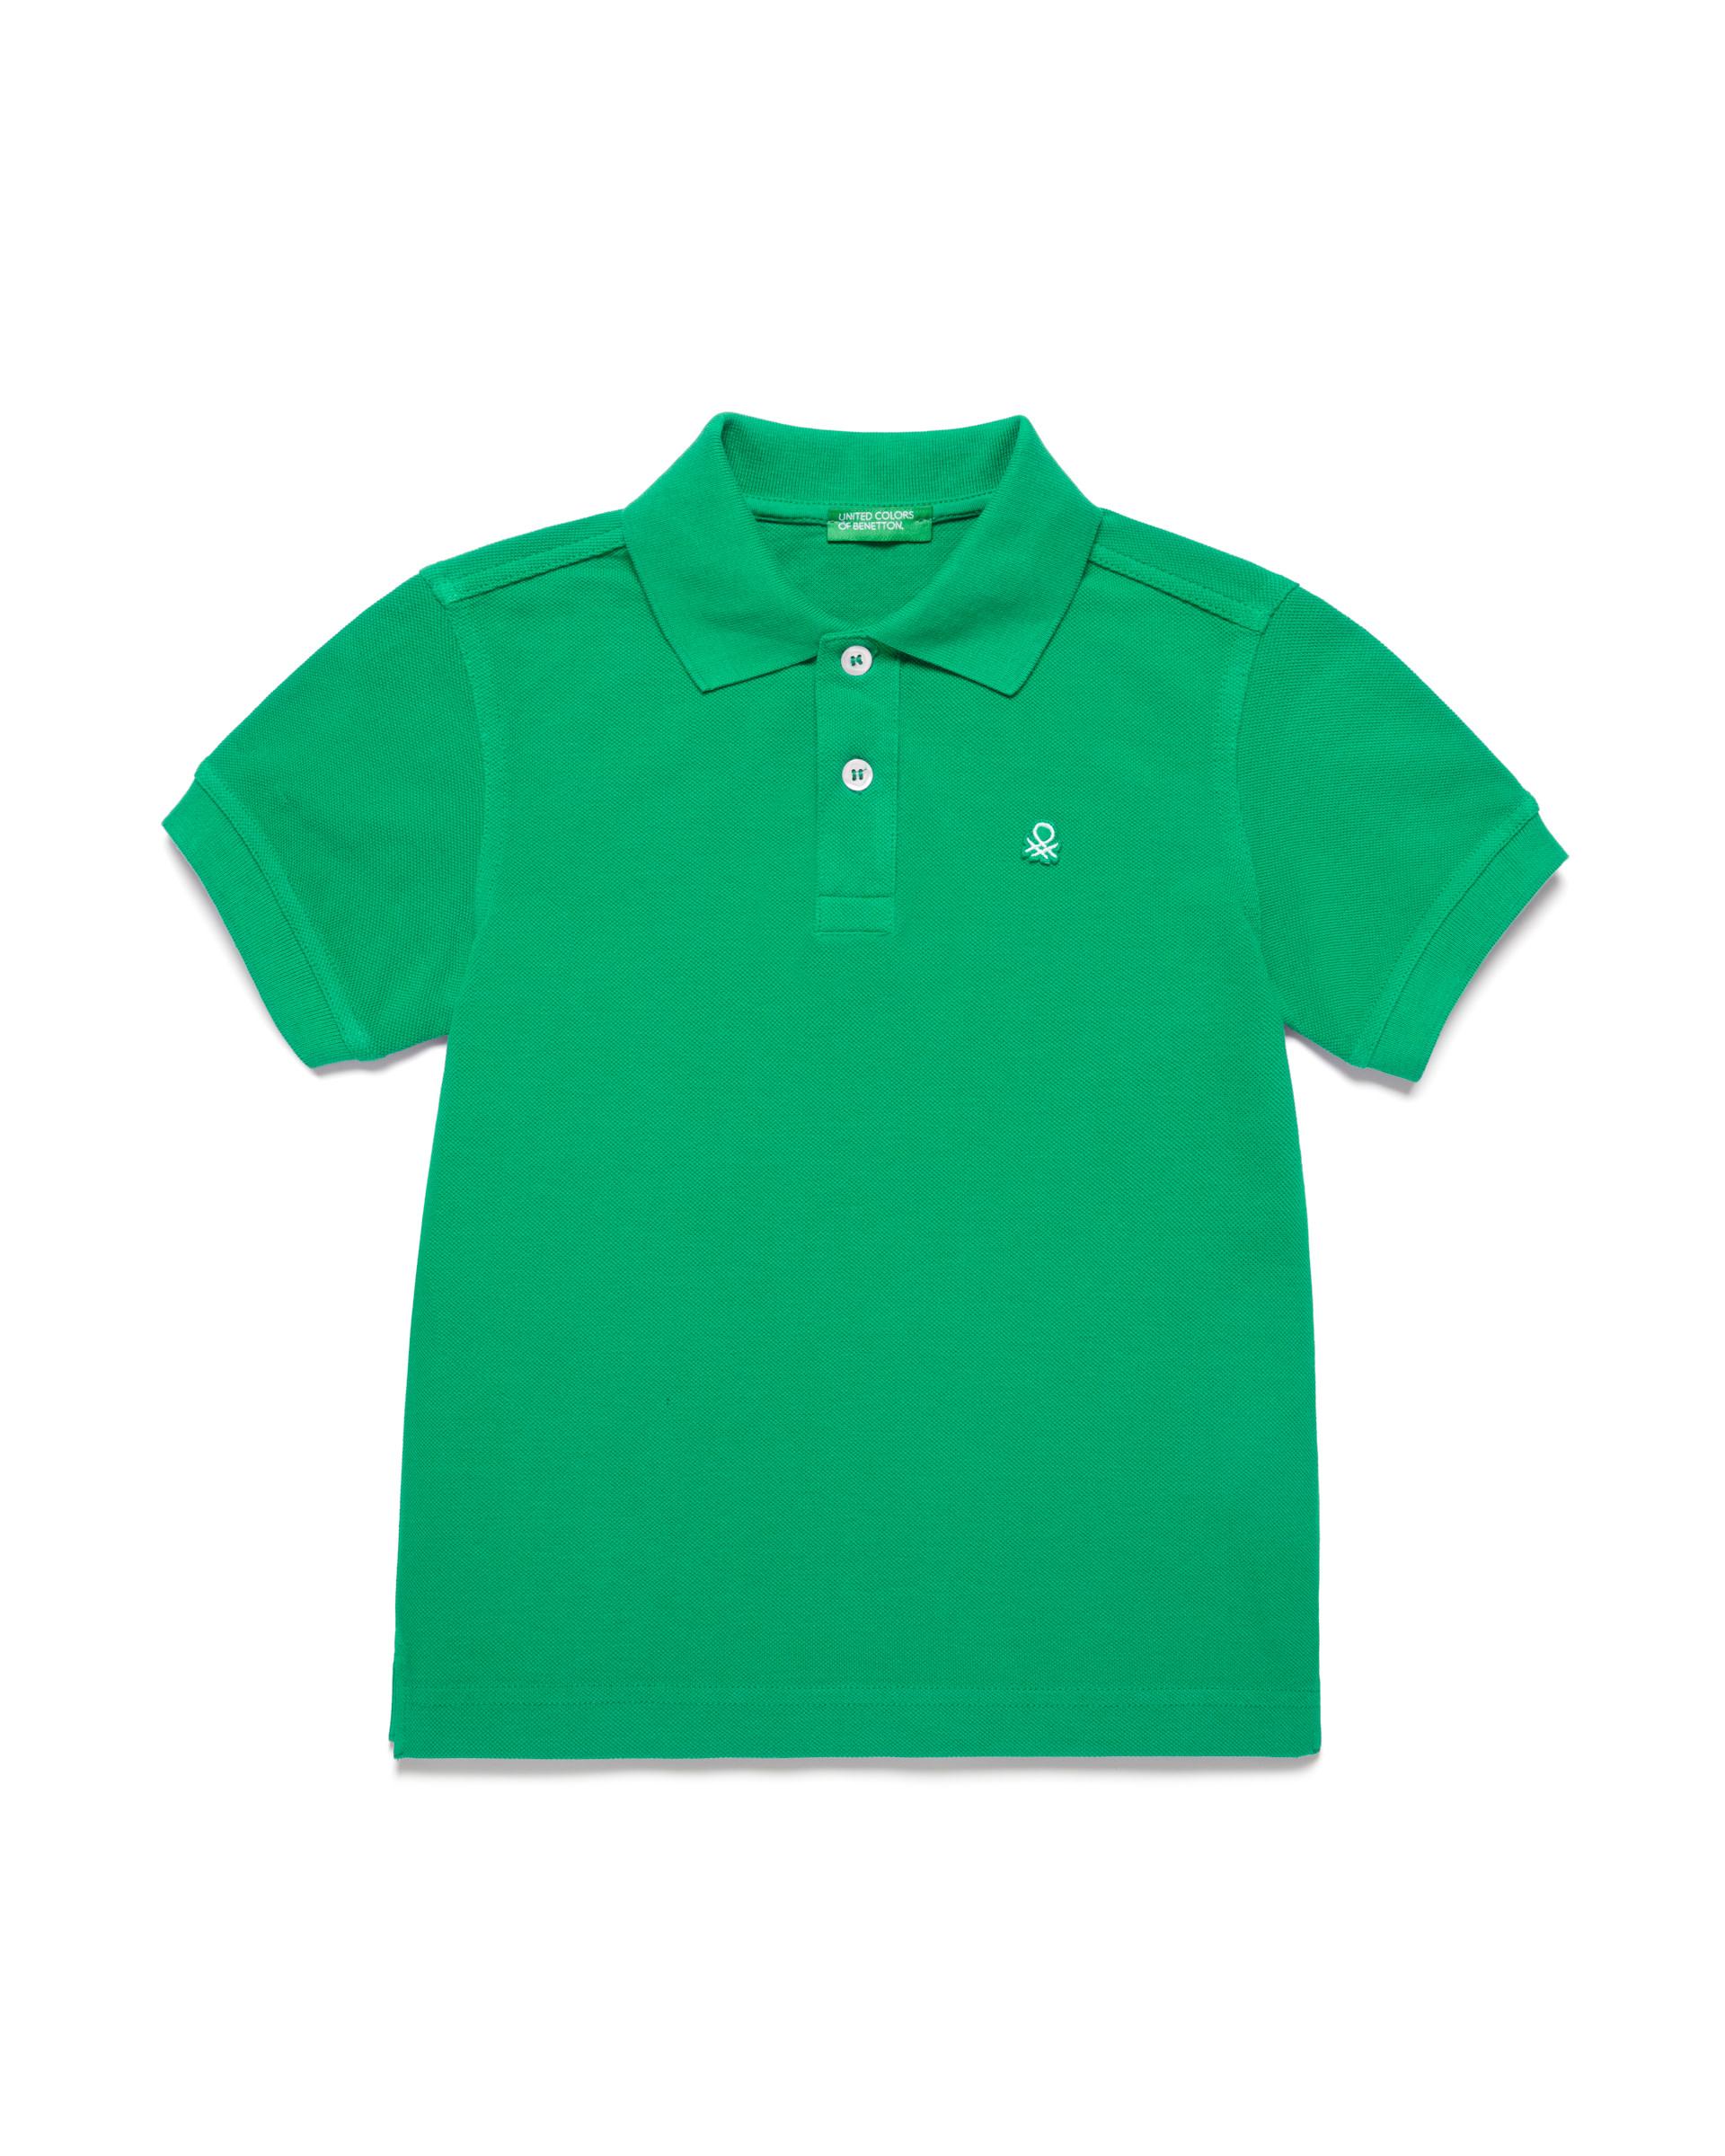 Купить 20P_3089C3091_108, Поло-пике для мальчиков Benetton 3089C3091_108 р-р 92, United Colors of Benetton, Кофточки, футболки для новорожденных